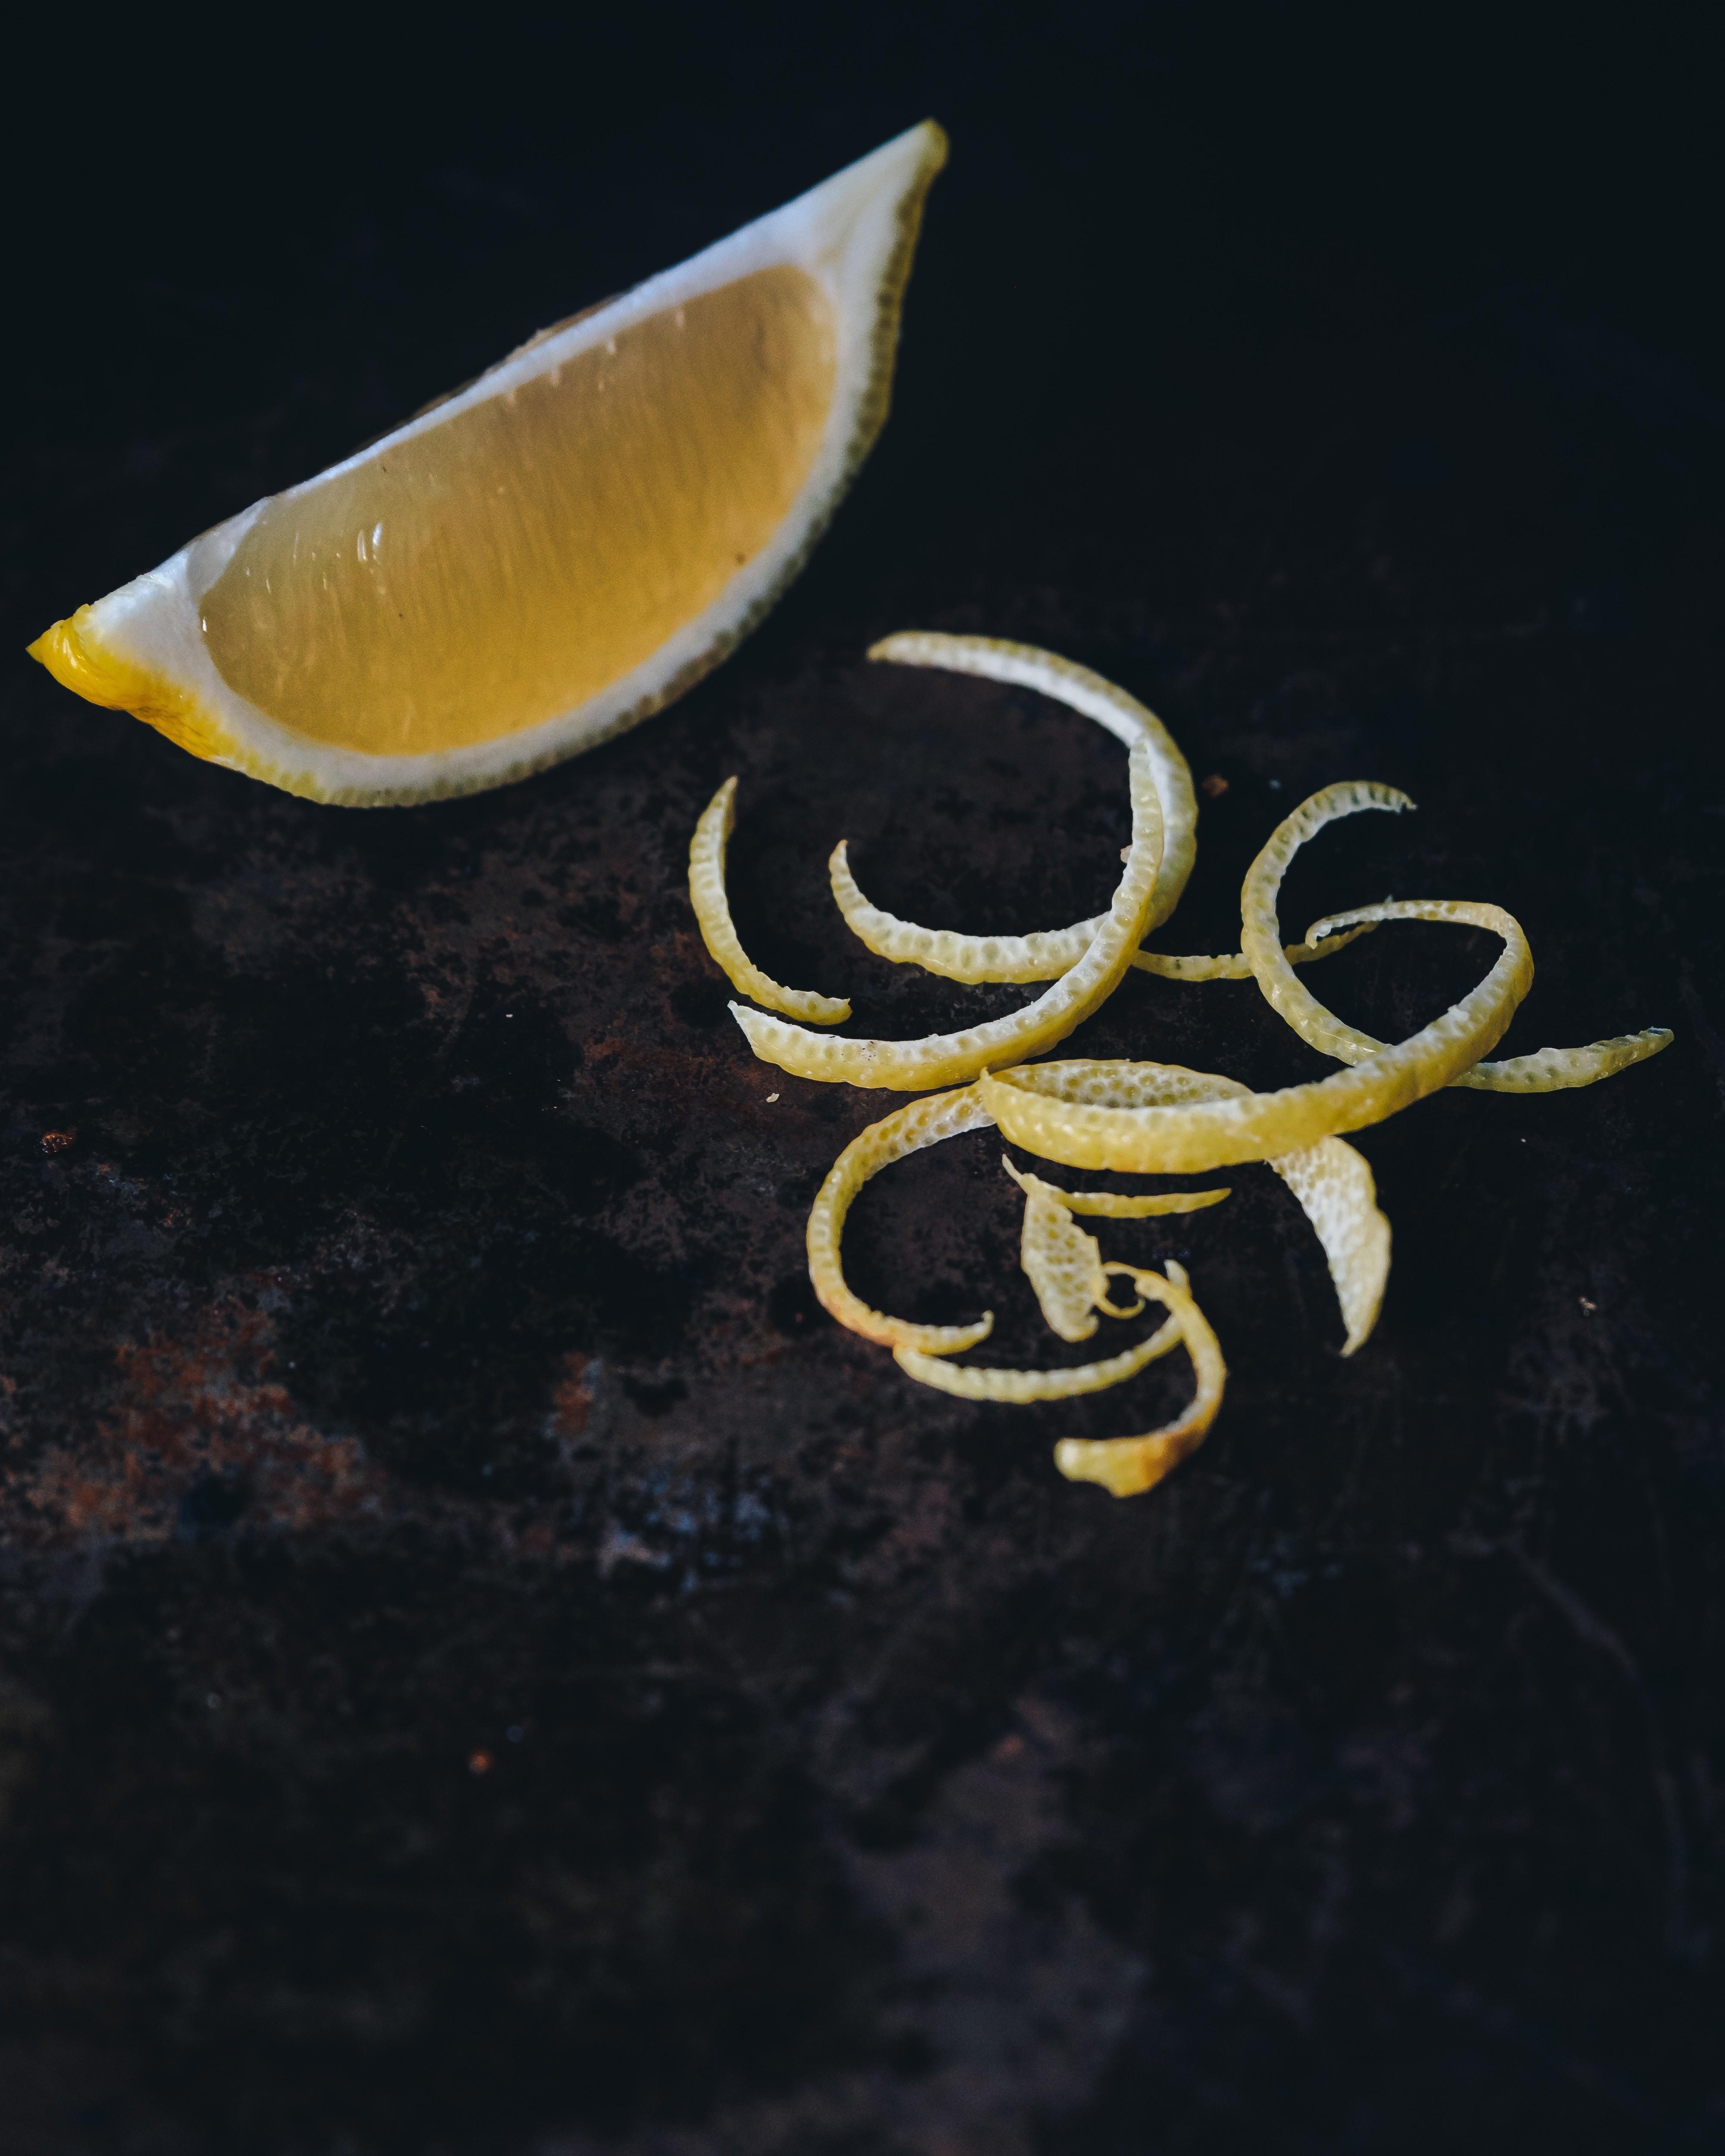 Лайфхак: как очистить кастрюлю от пригоревшего варенья